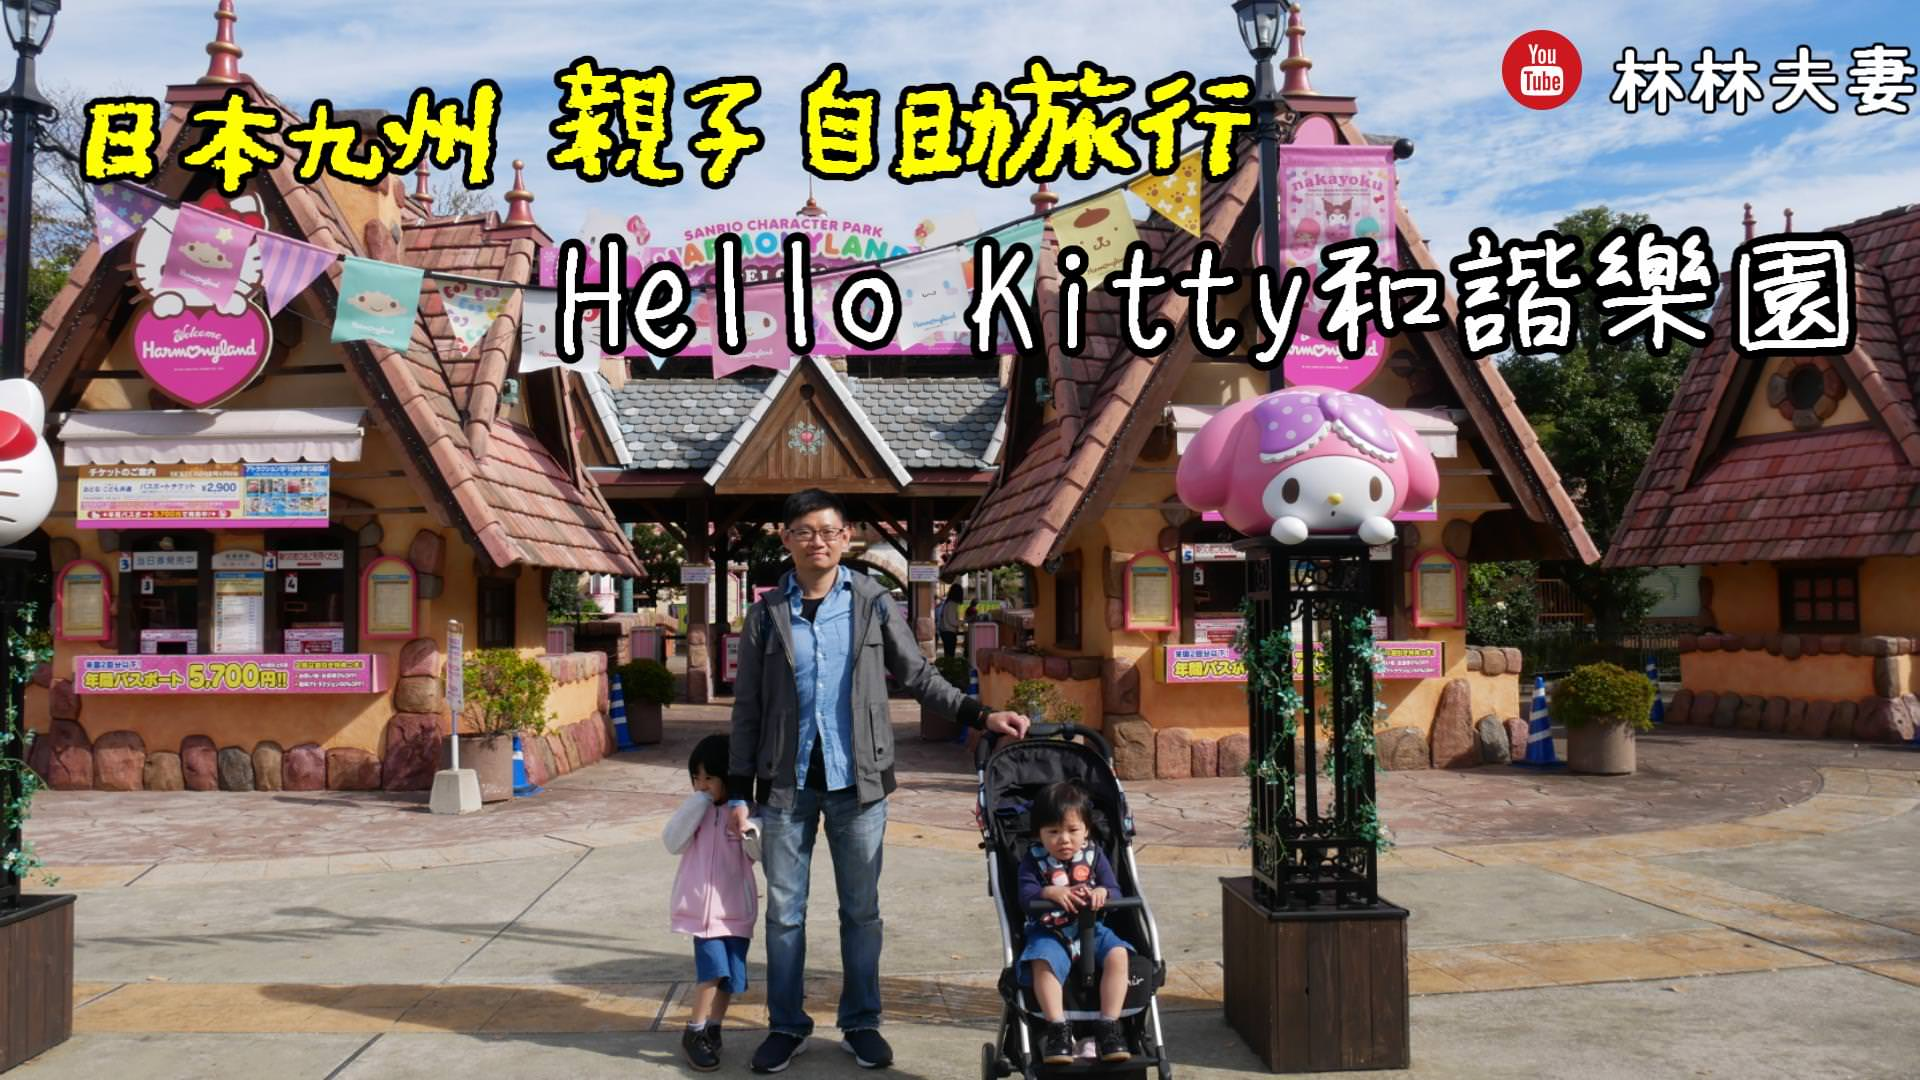 [景點]日本九州親子旅遊必去  三麗鷗主題樂園 HelloKitty和諧樂園